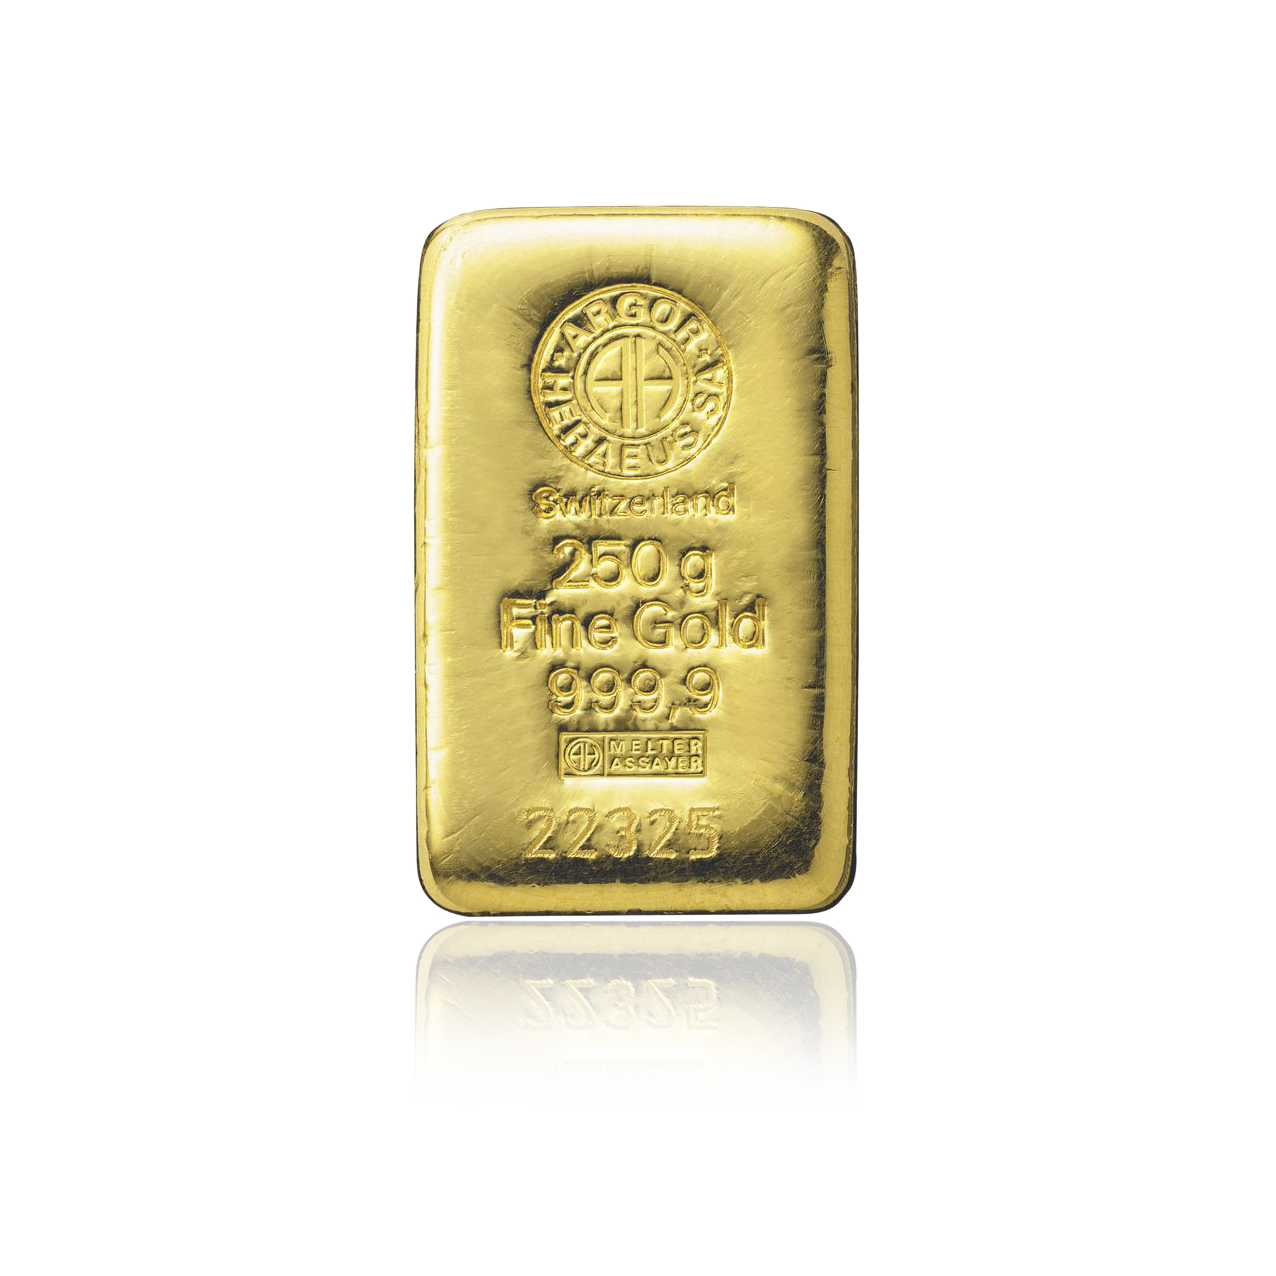 уже говорила, вес золота в желтых ручных корпусах фото общем